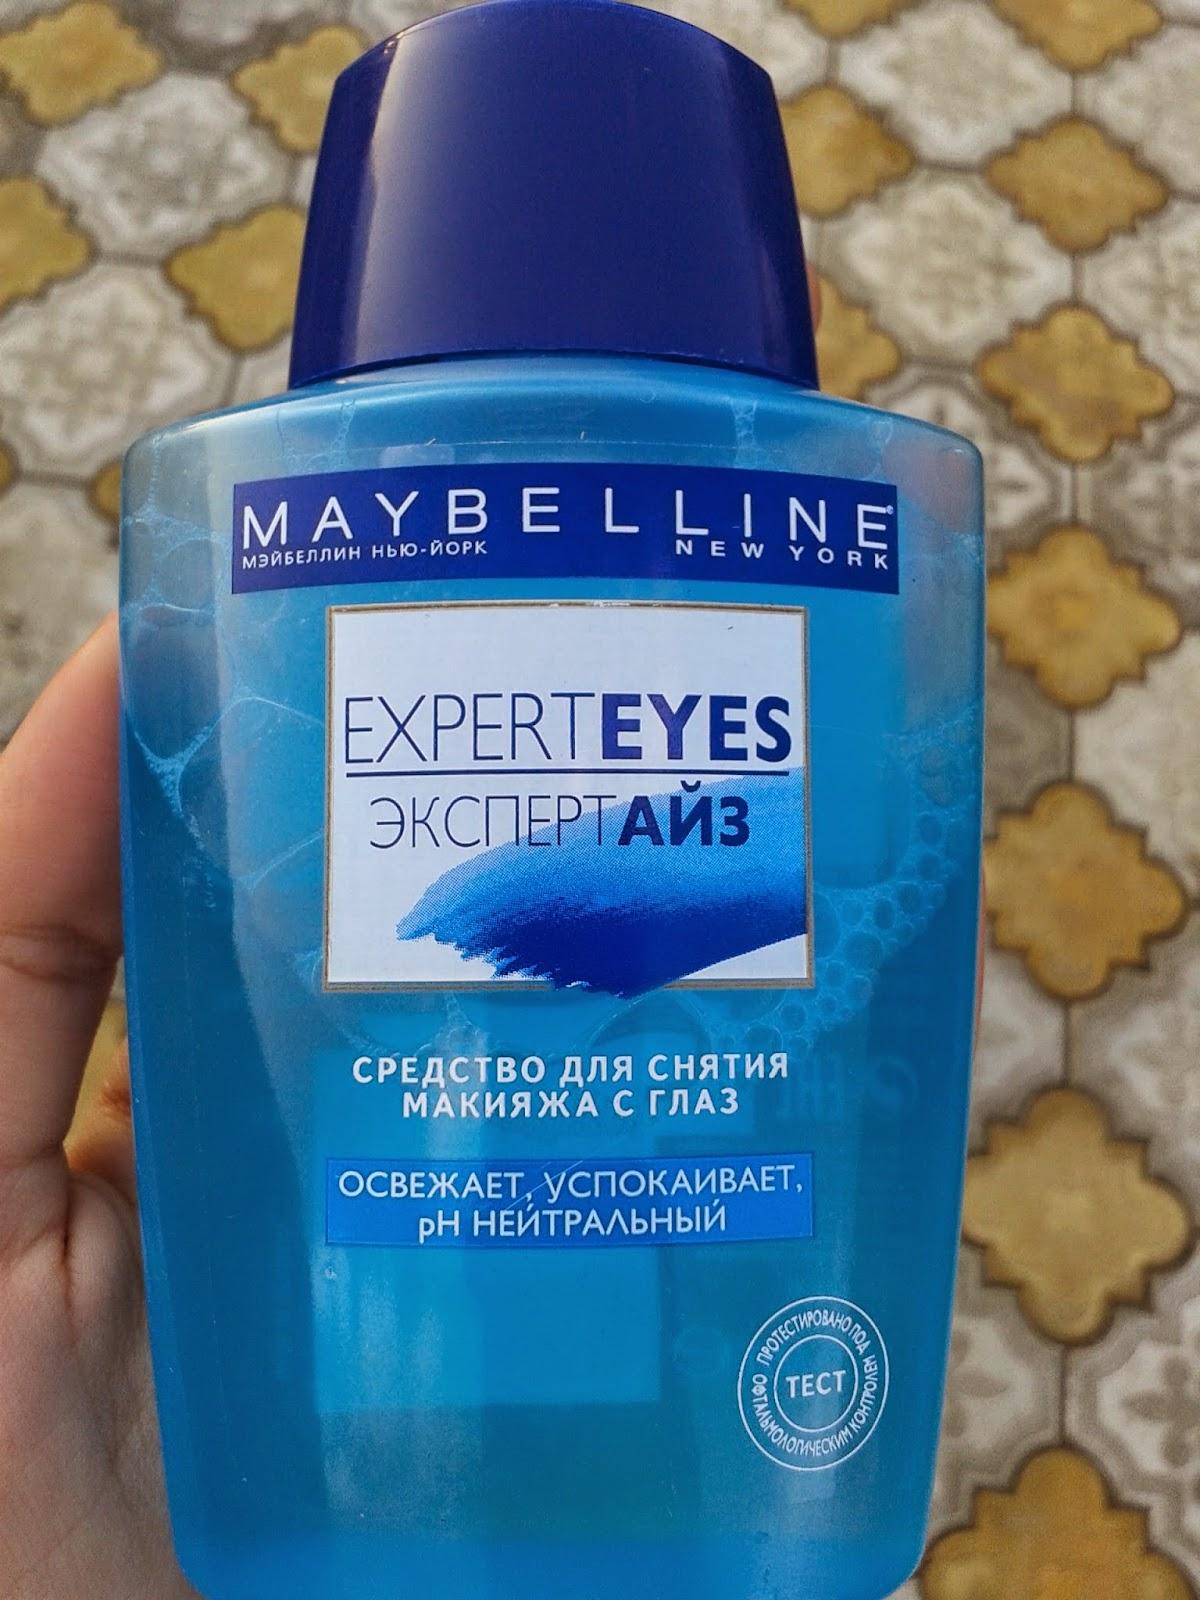 Для снятия макияжа с глаз мейбелин